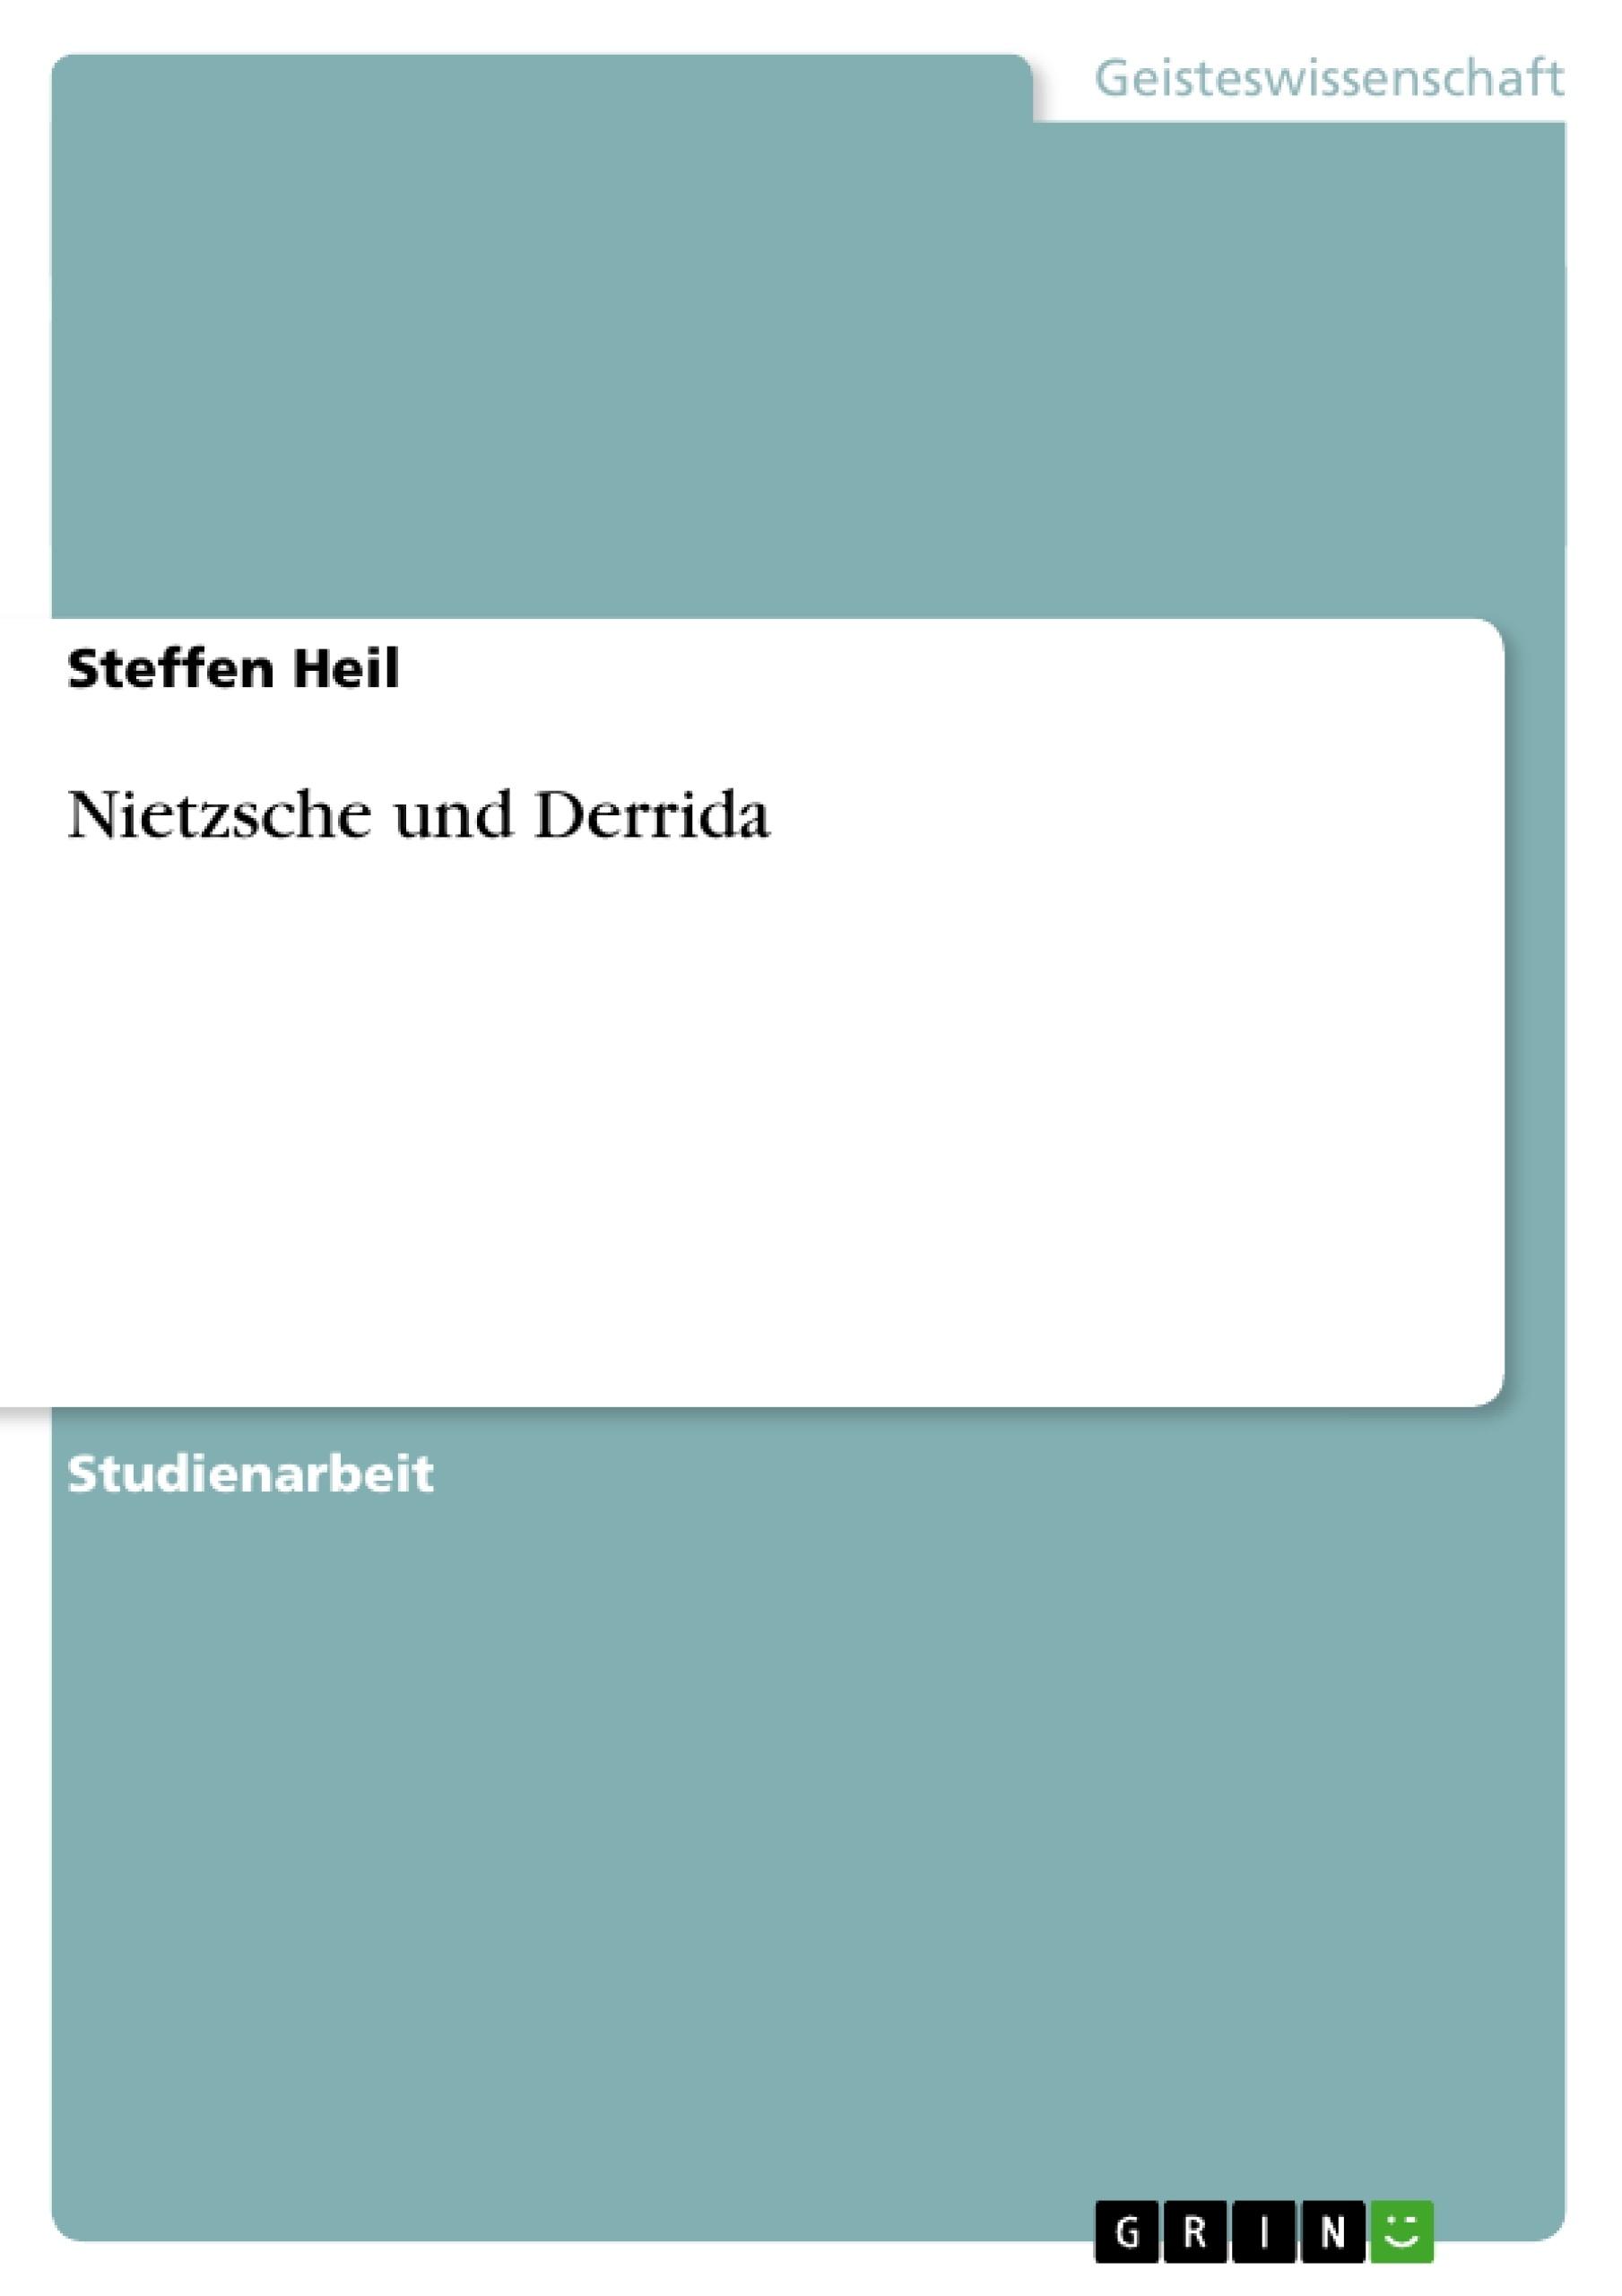 Titel: Nietzsche und Derrida